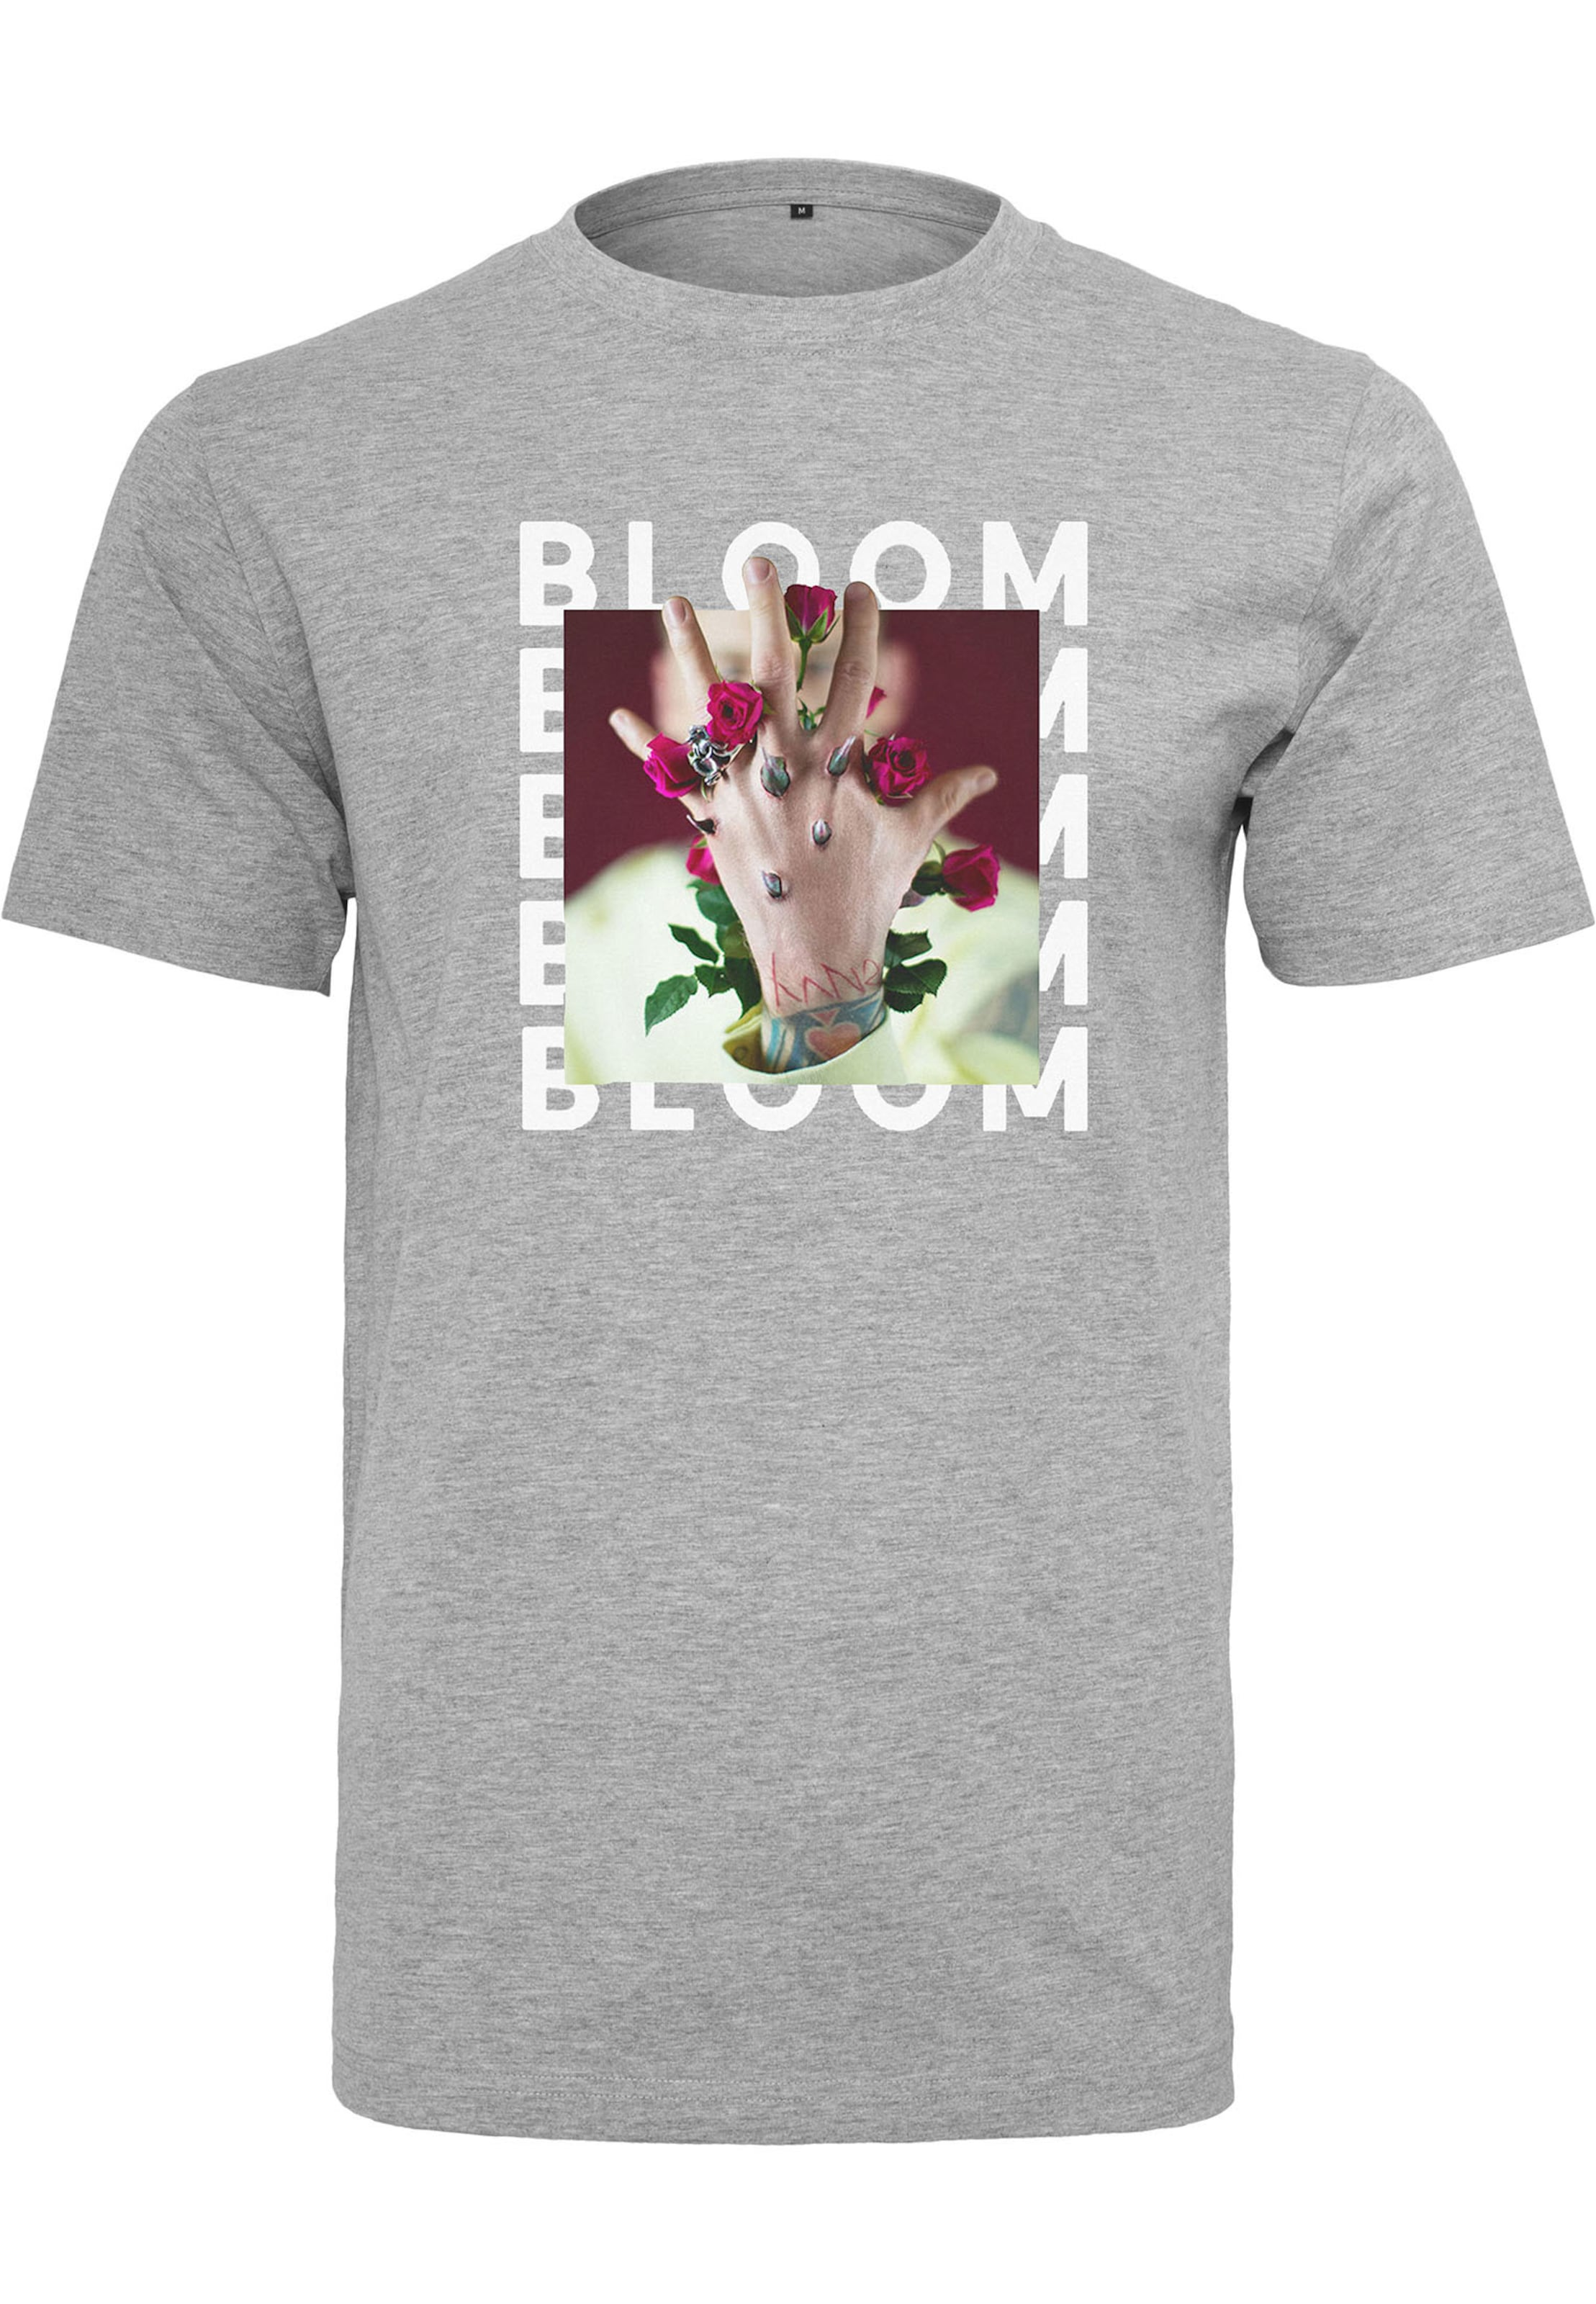 shirt 'mgk GraumeliertMischfarben In Tee Mister T Bloom' ulK5JT1cF3